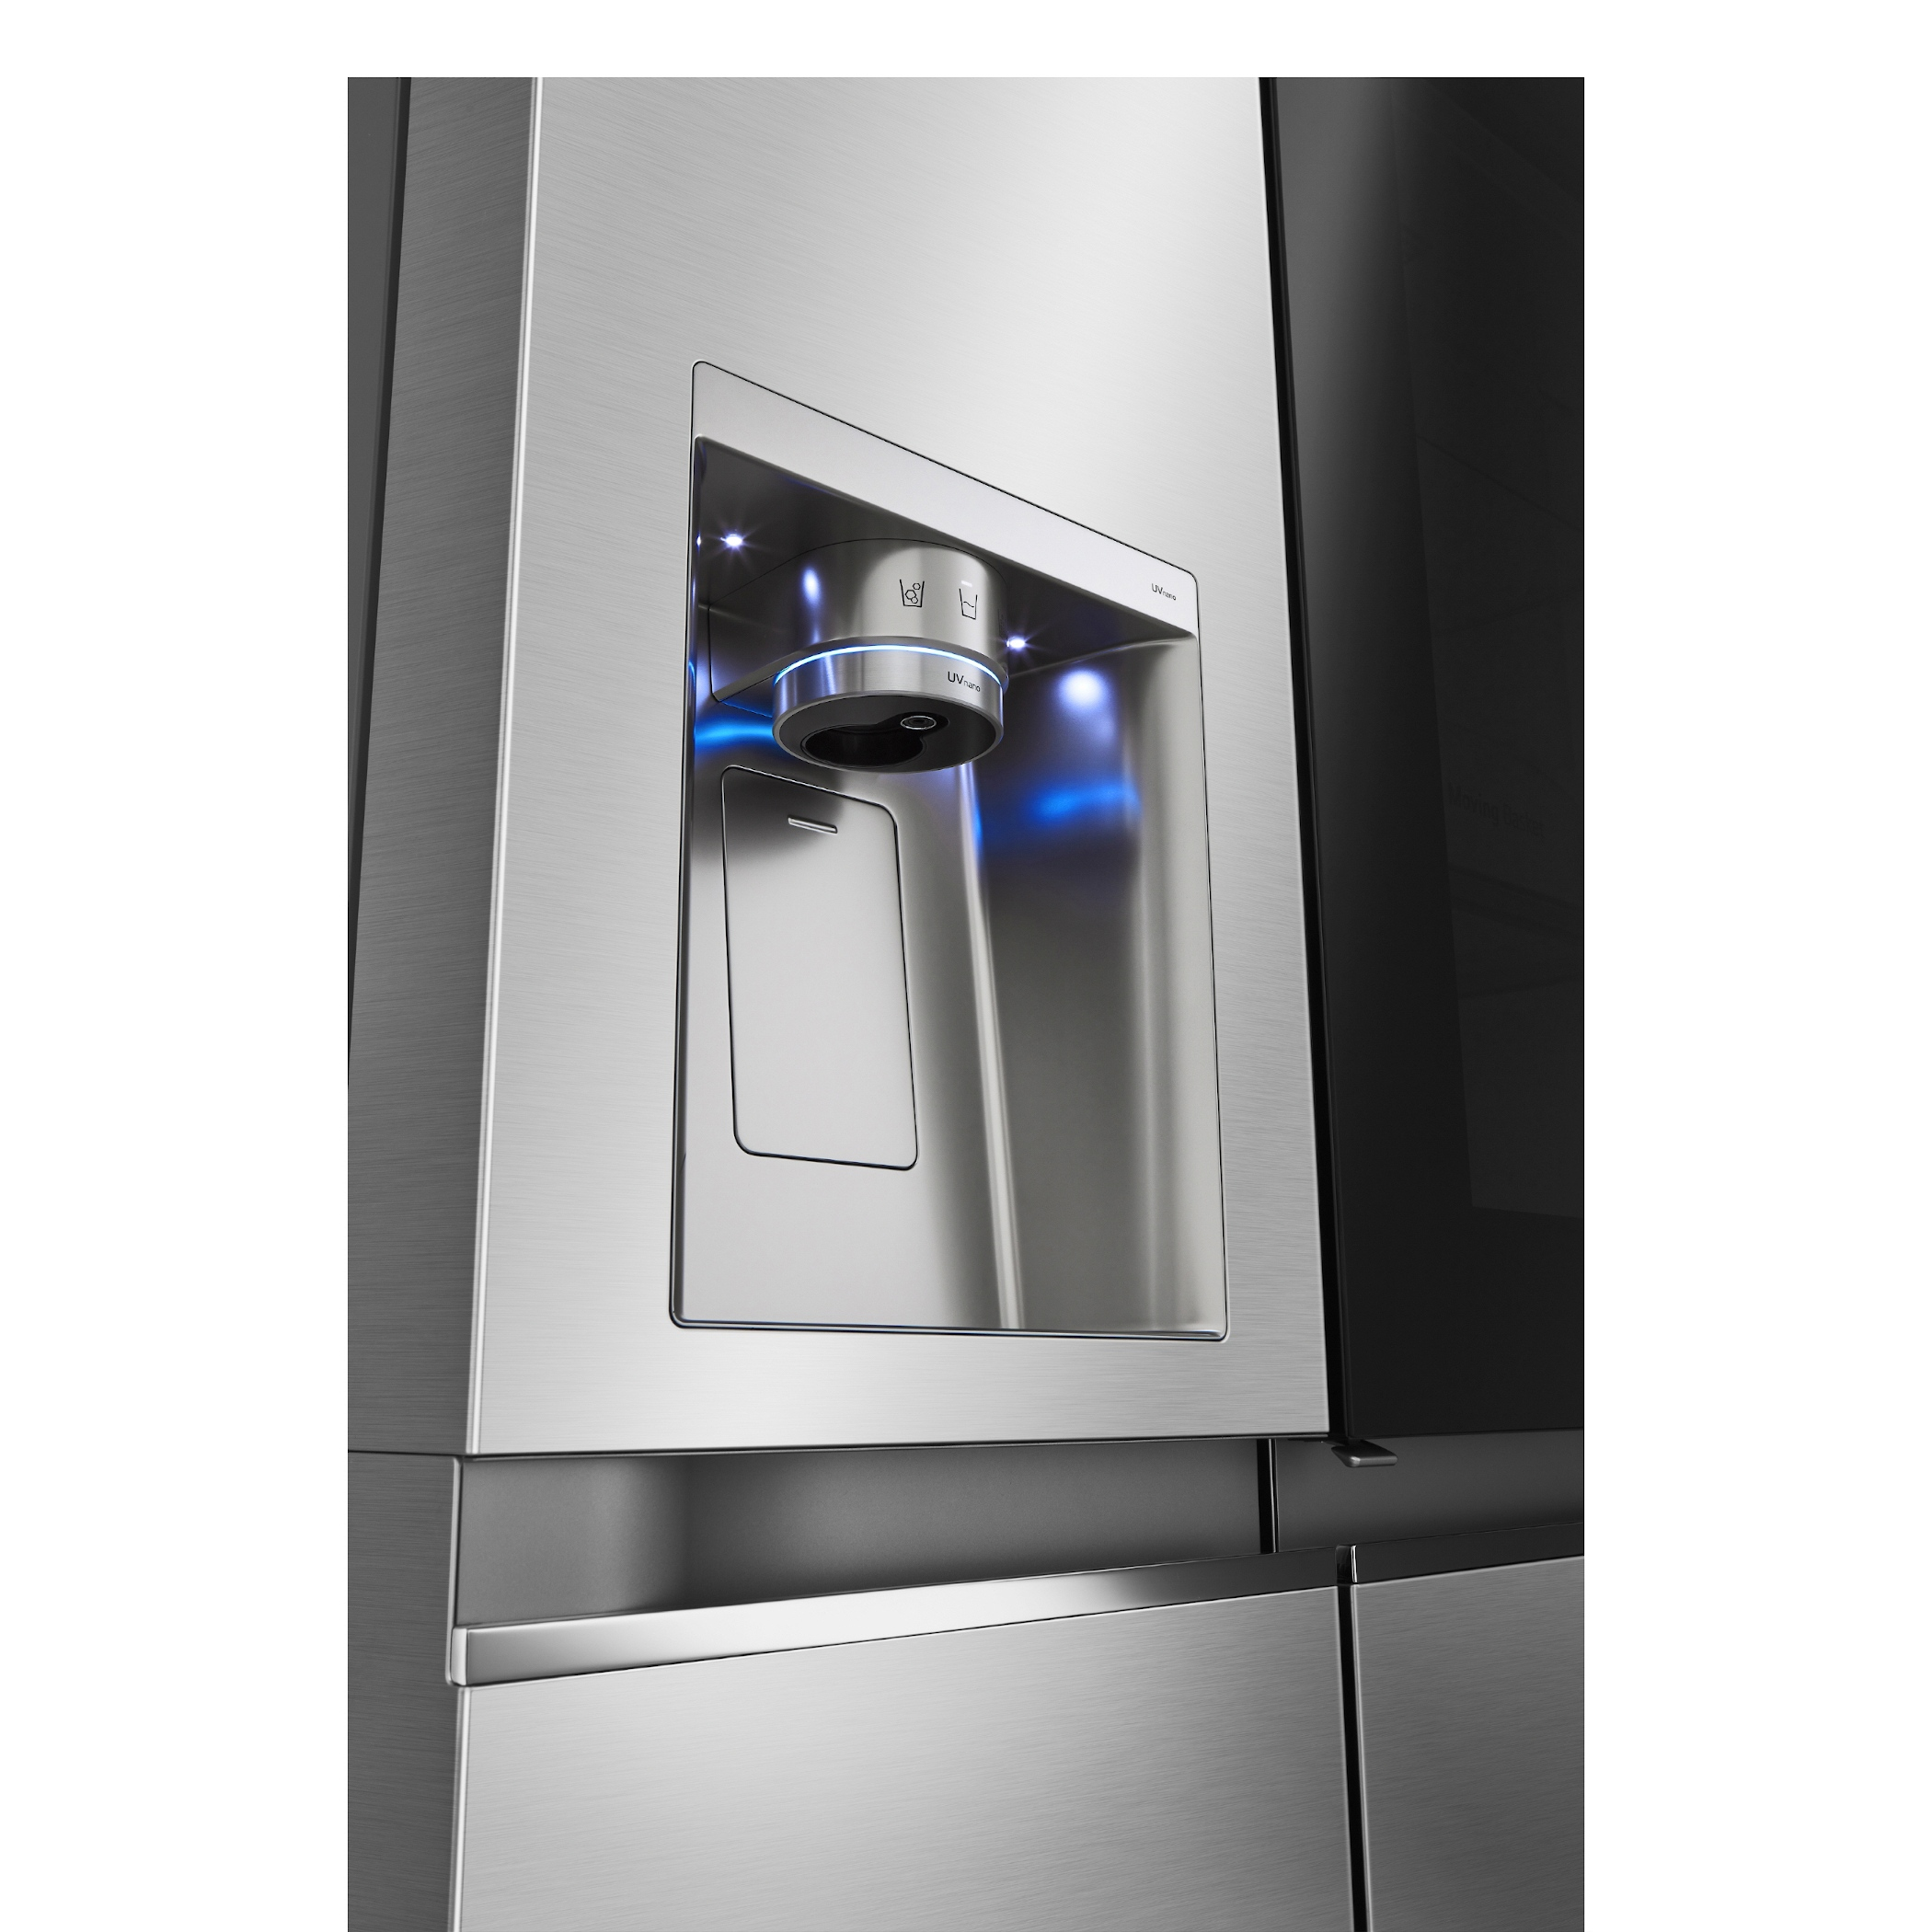 Éliminez jusqu'à 99,99% des bactéries présentes sur le distributeur d'eau avec le système UVnano